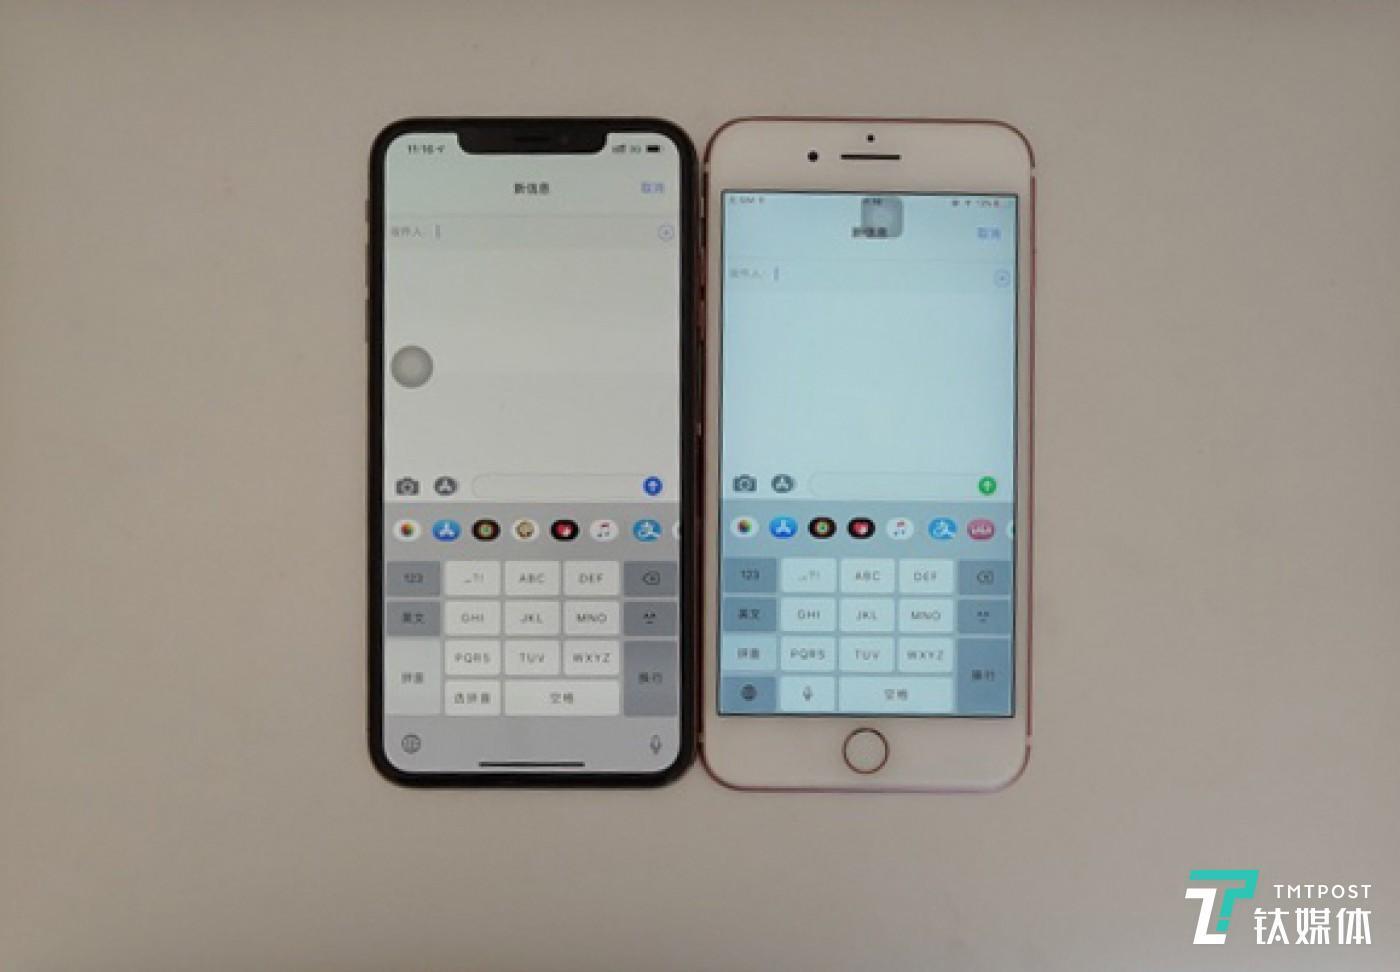 iPhone XS Max(左)和iPhone 7P(右)